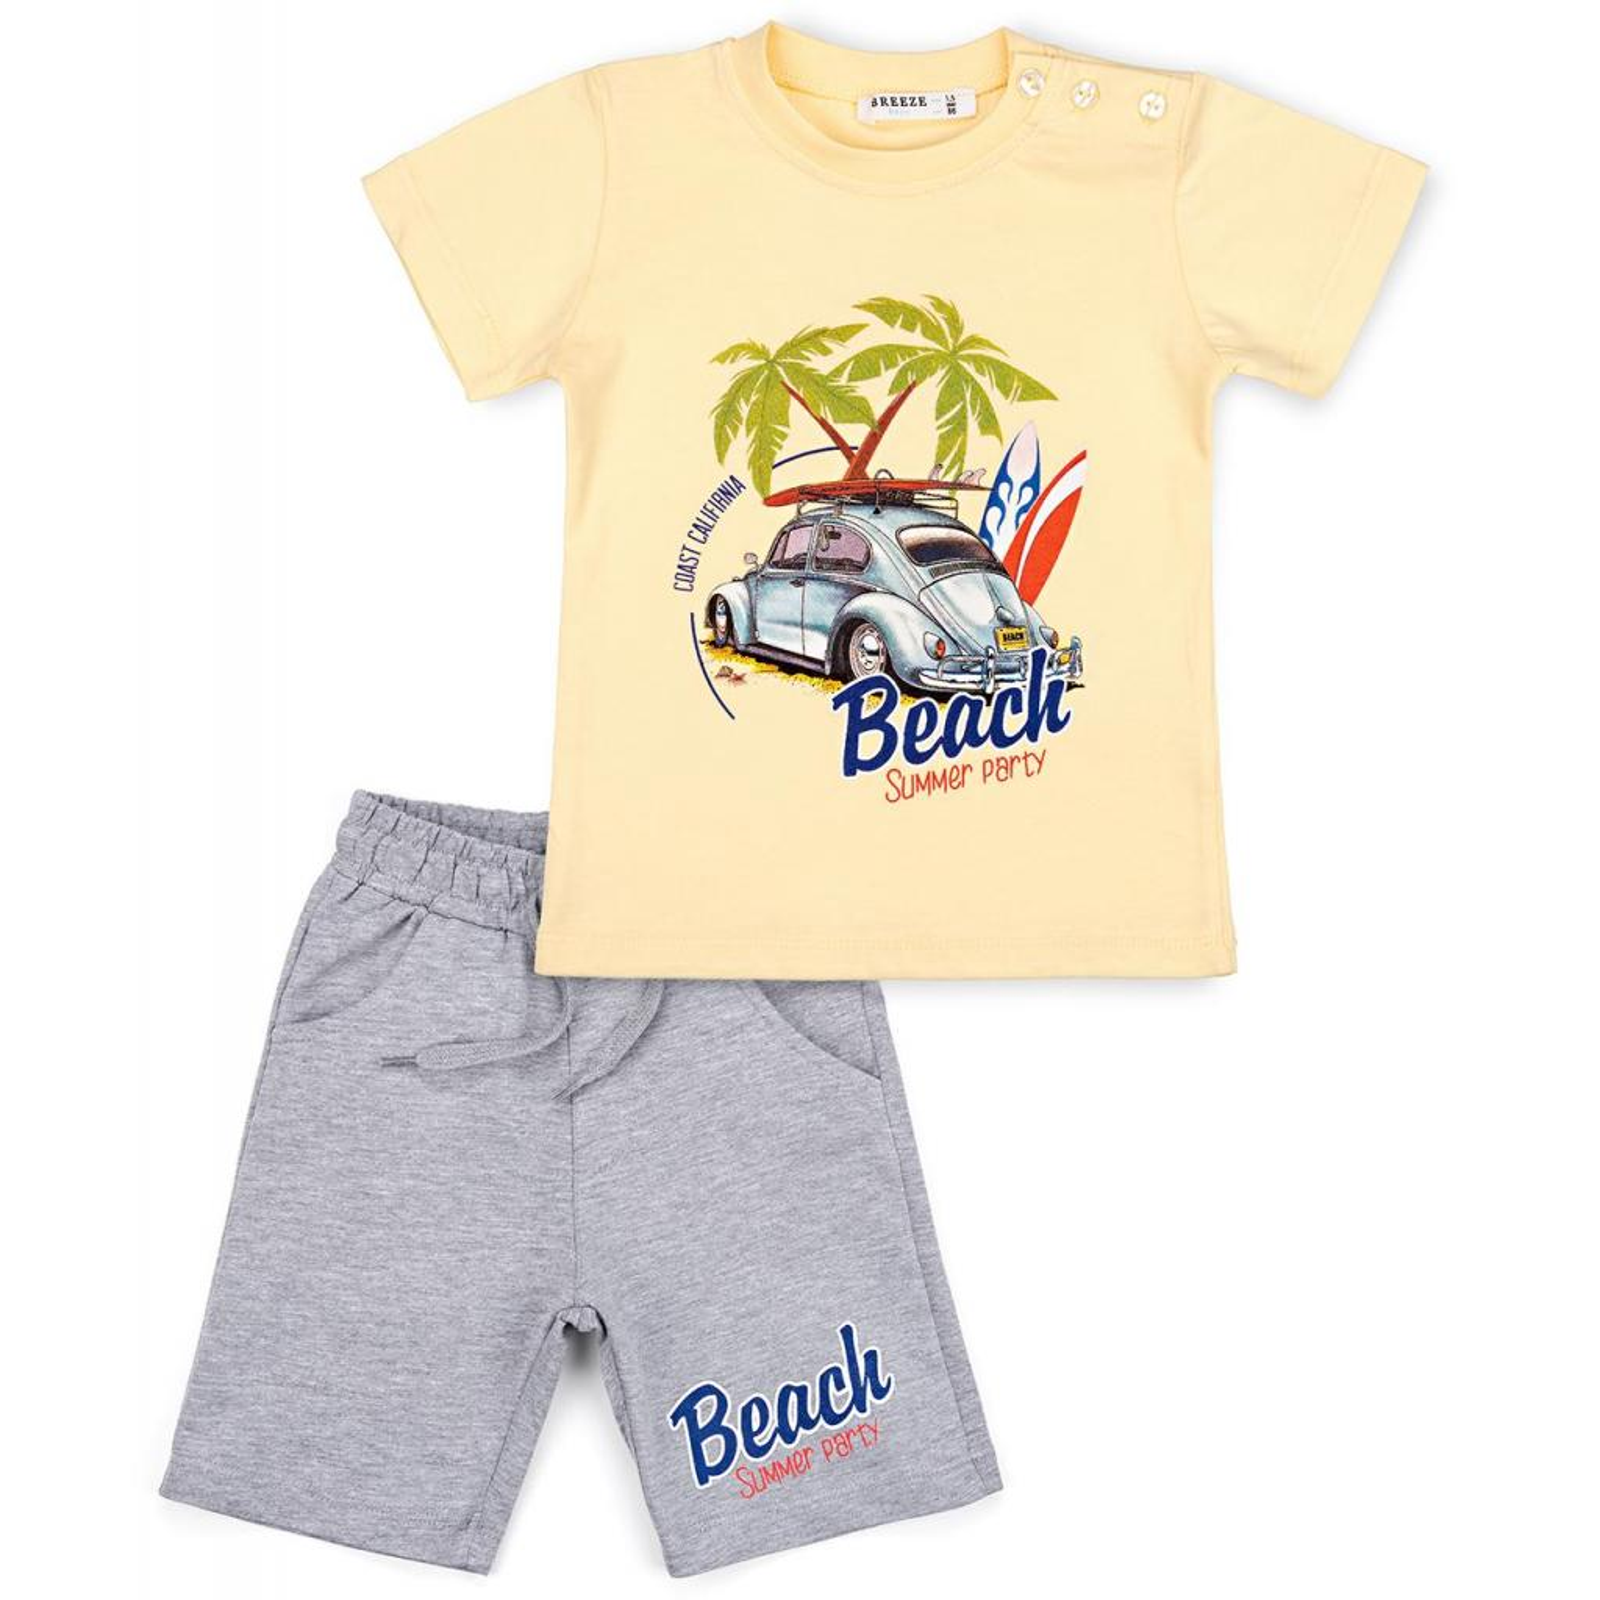 Набор детской одежды Breeze с машинкой (10940-110B-yellow)